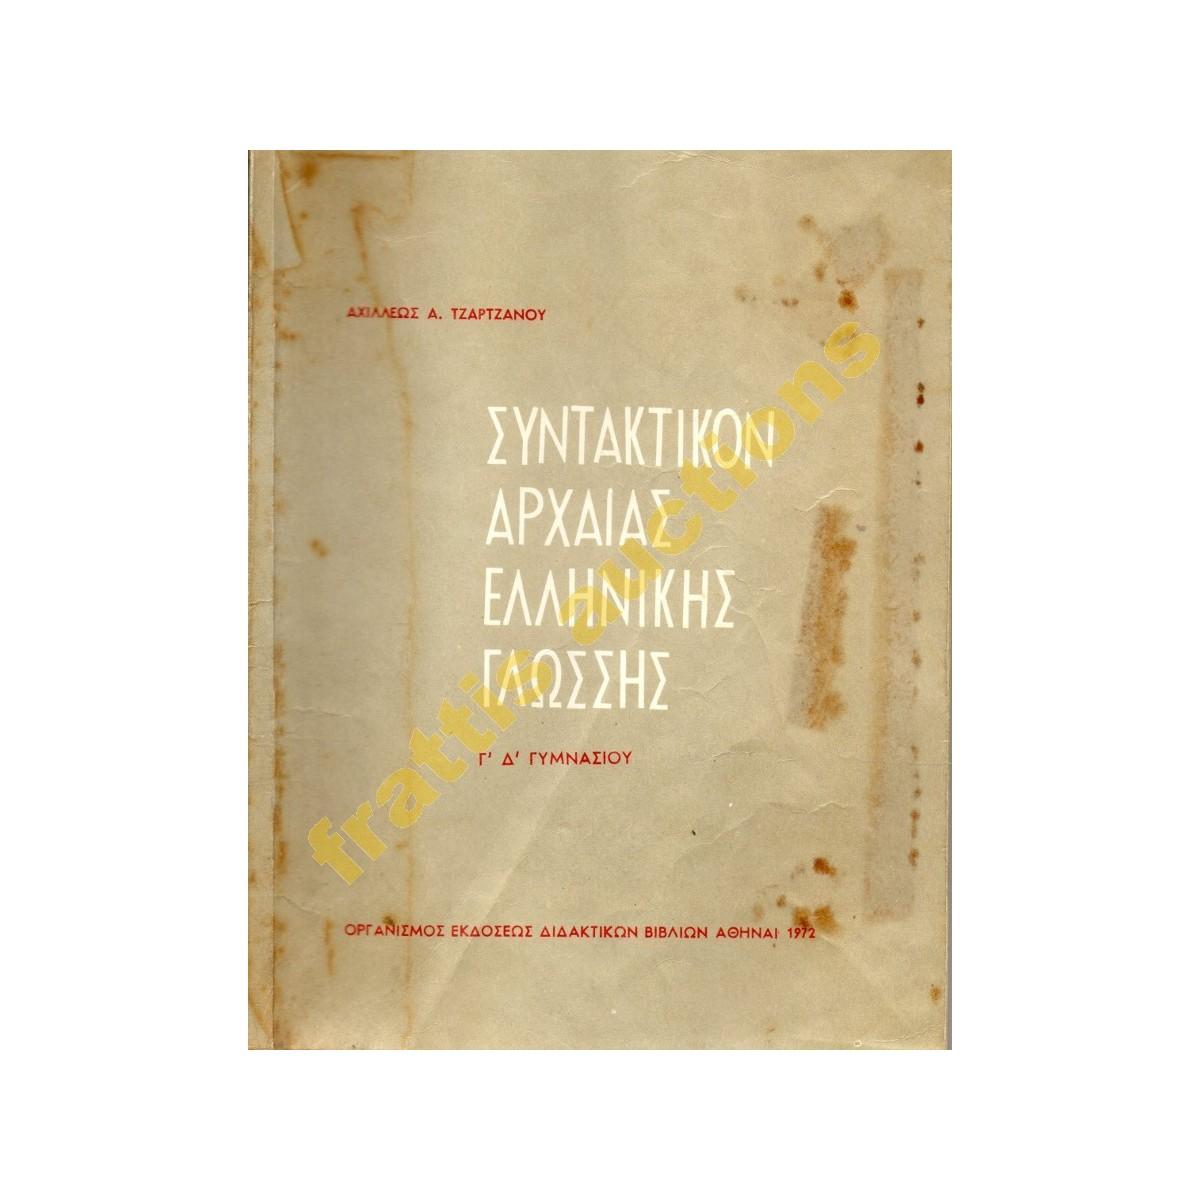 ΣΥΝΤΑΚΤΙΚΟ Αρχαίας Ελληνικής Γλώσσας. Αχ. Τζάρτζανου, Για Γ΄,Δ΄Γυμνασίου 1972